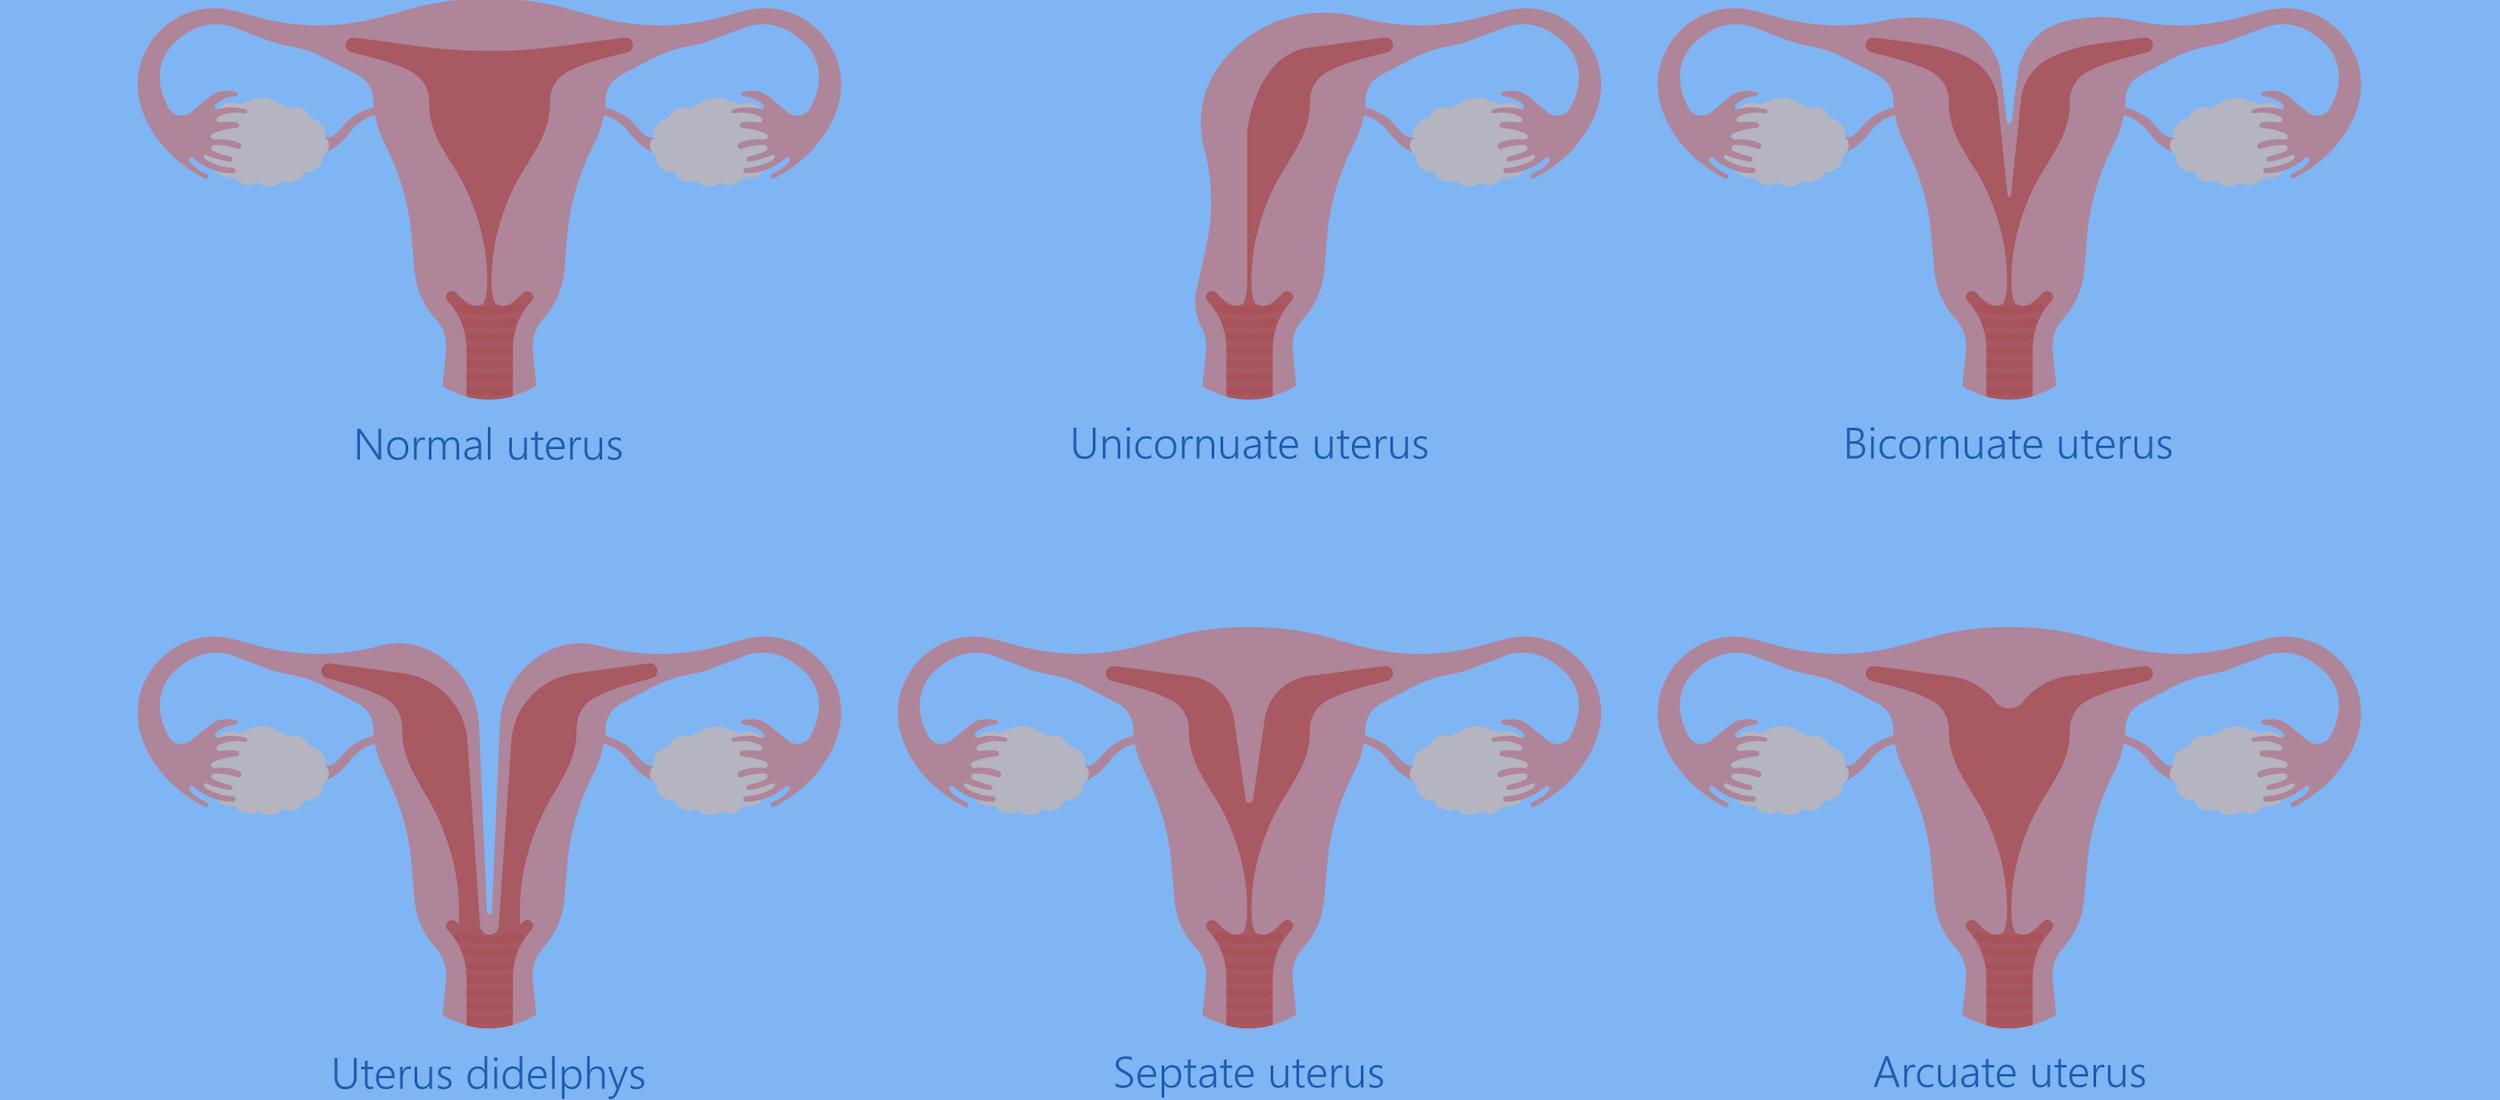 Uterine Abnormalities